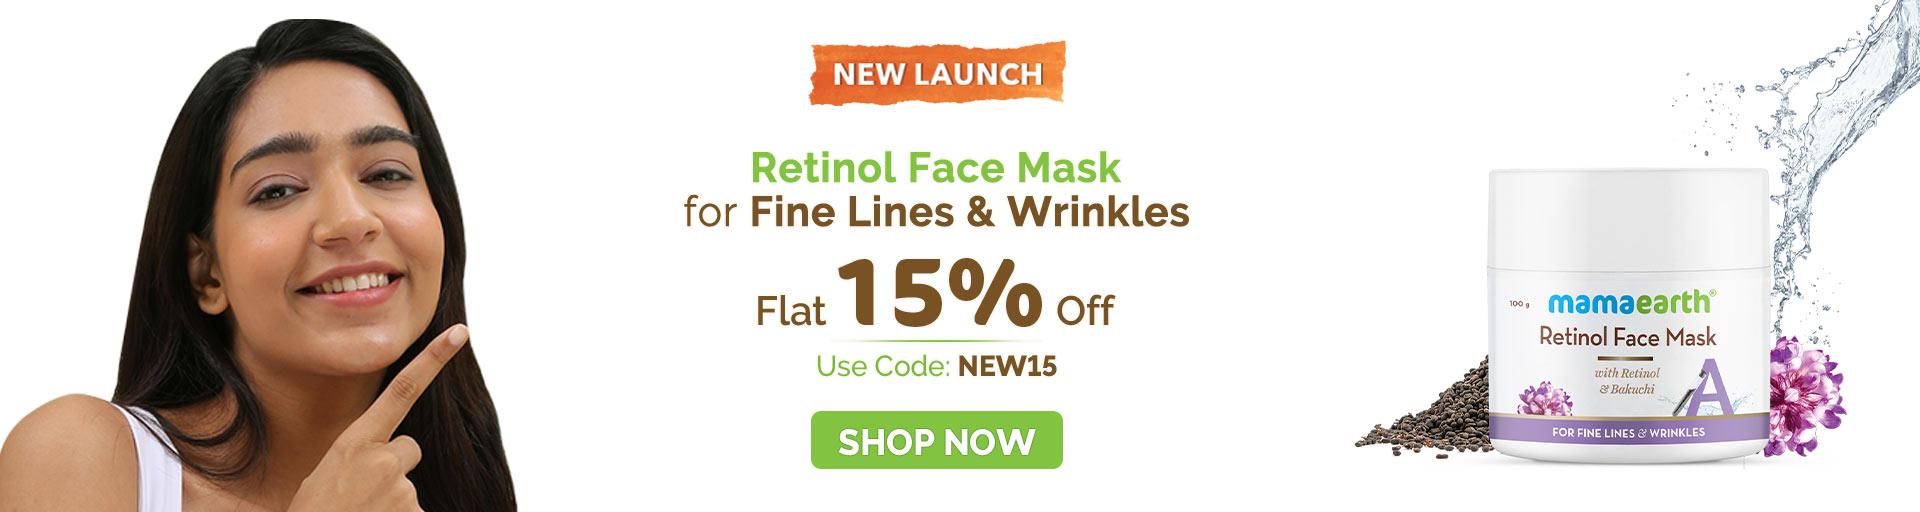 Retinol face mask